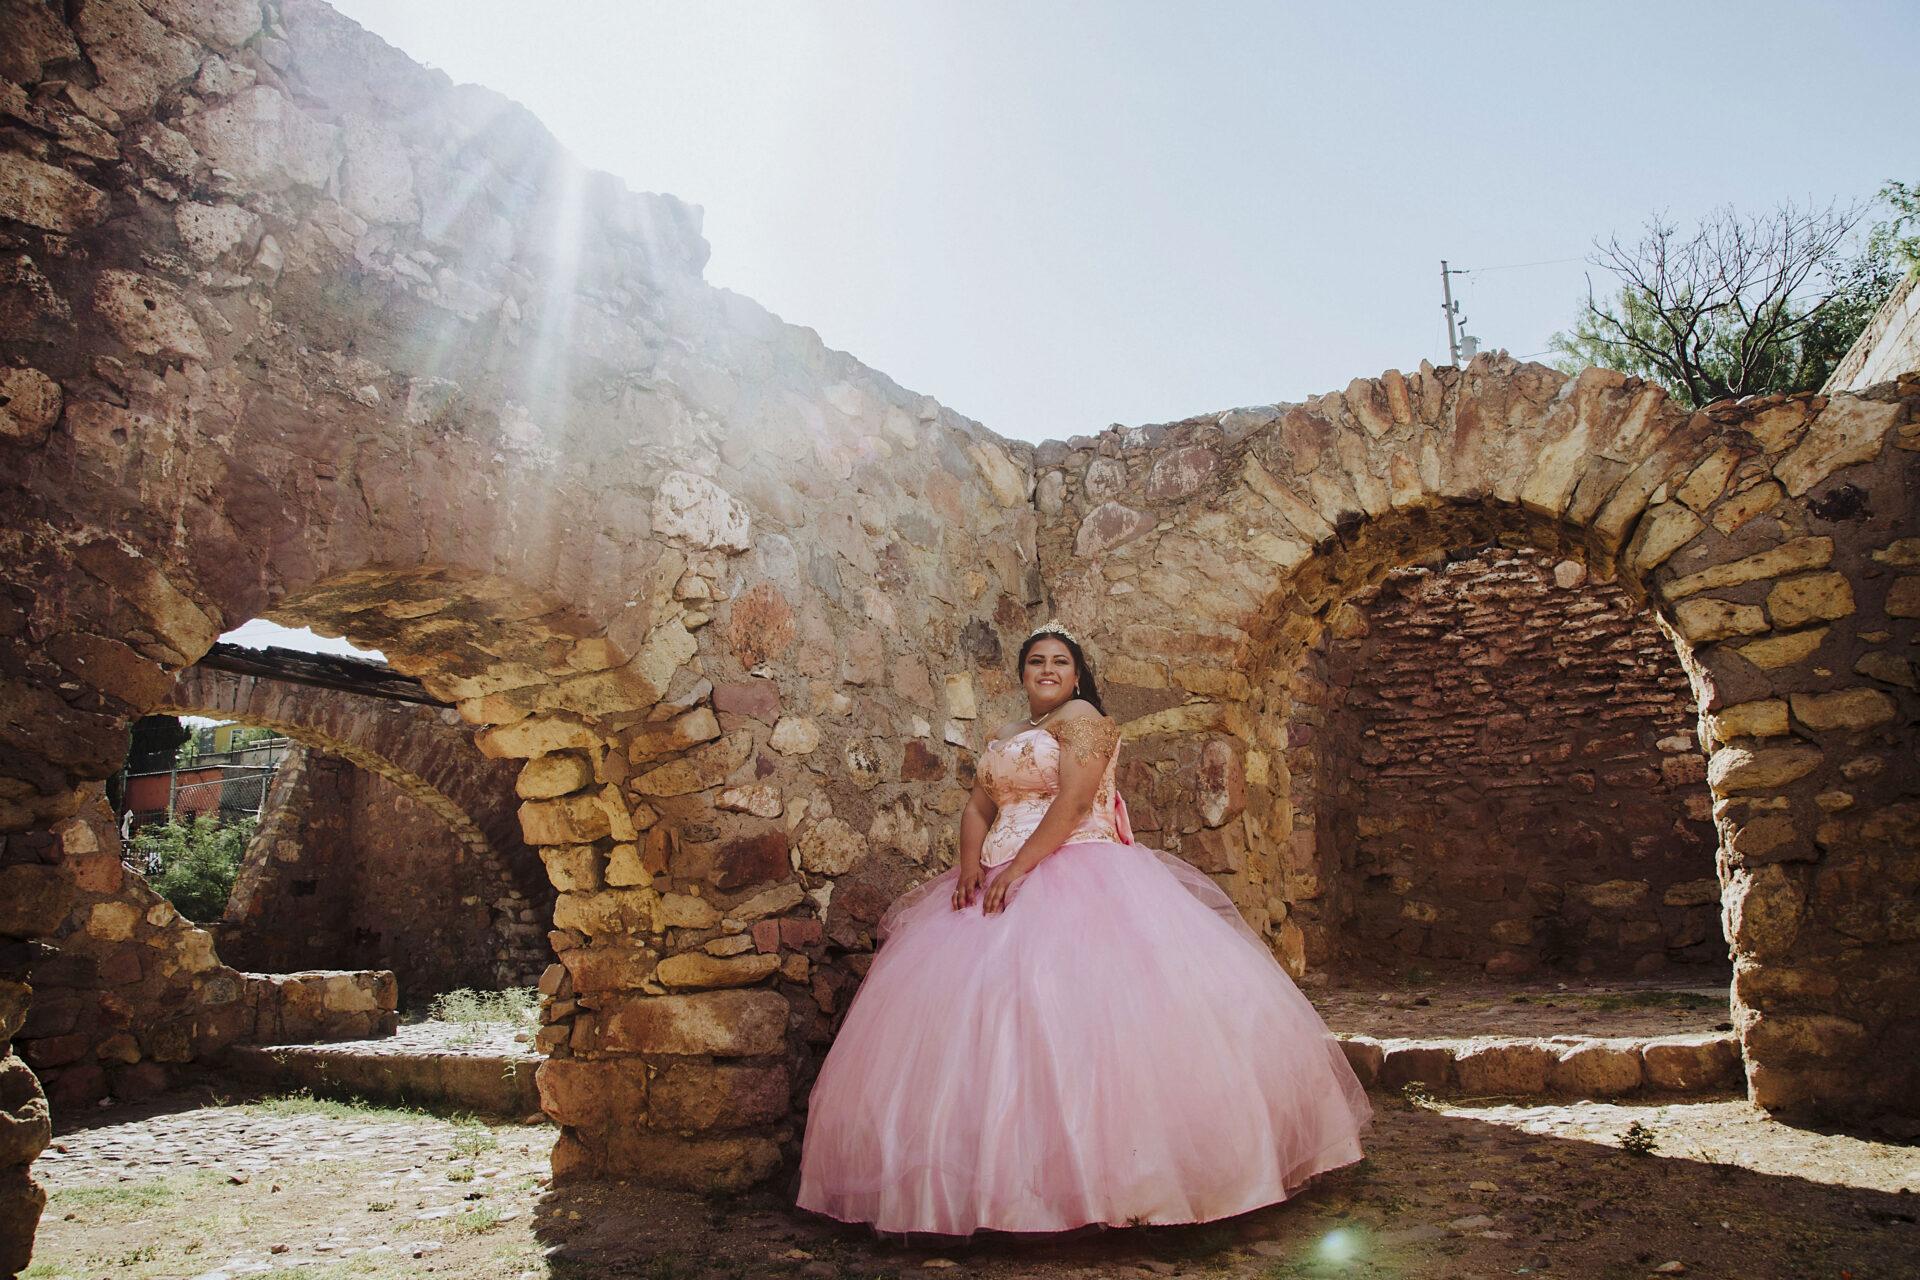 javier_noriega_fotografo_bodas_zacatecas_xv_años_chihuahua00013